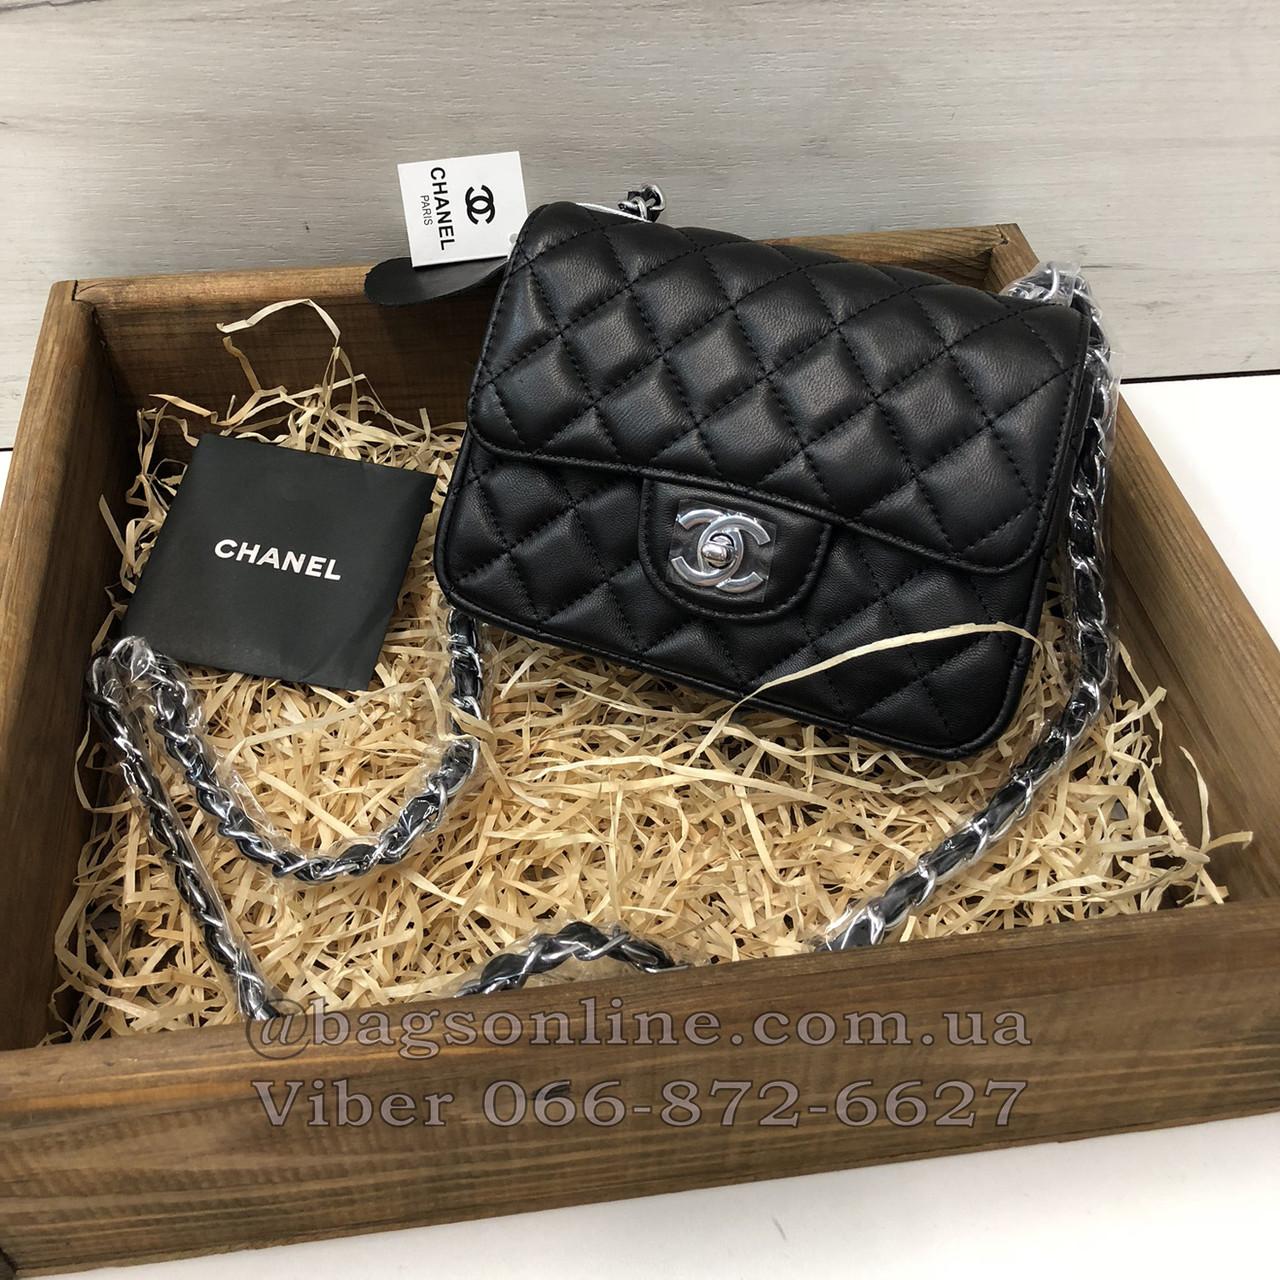 fccf21cc0730 Сумка реплика Chanel Classic Flap Bag 20см | копия Шанель натуральная кожа  Черный - BagsOnline -